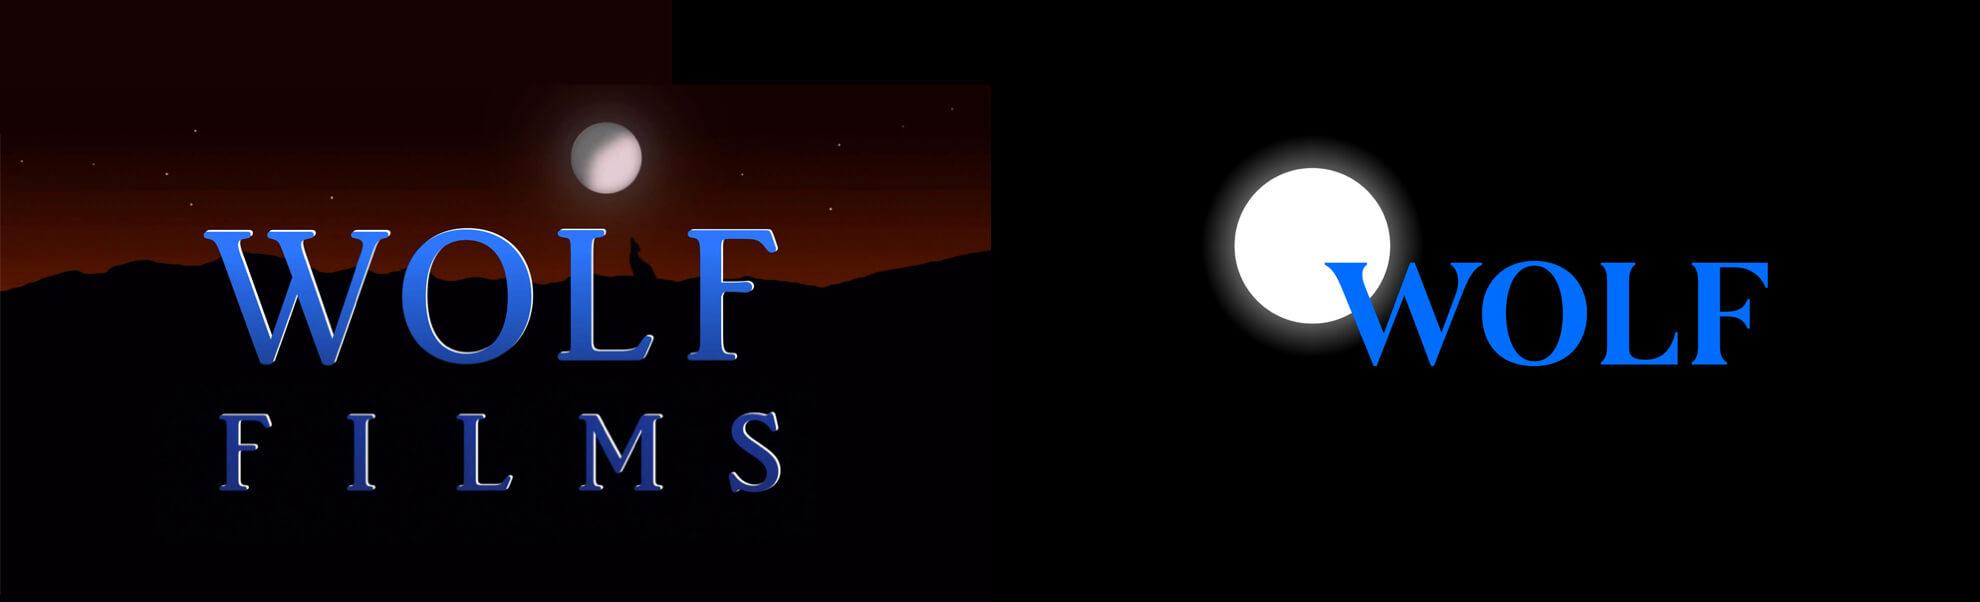 wolf films znowym logo